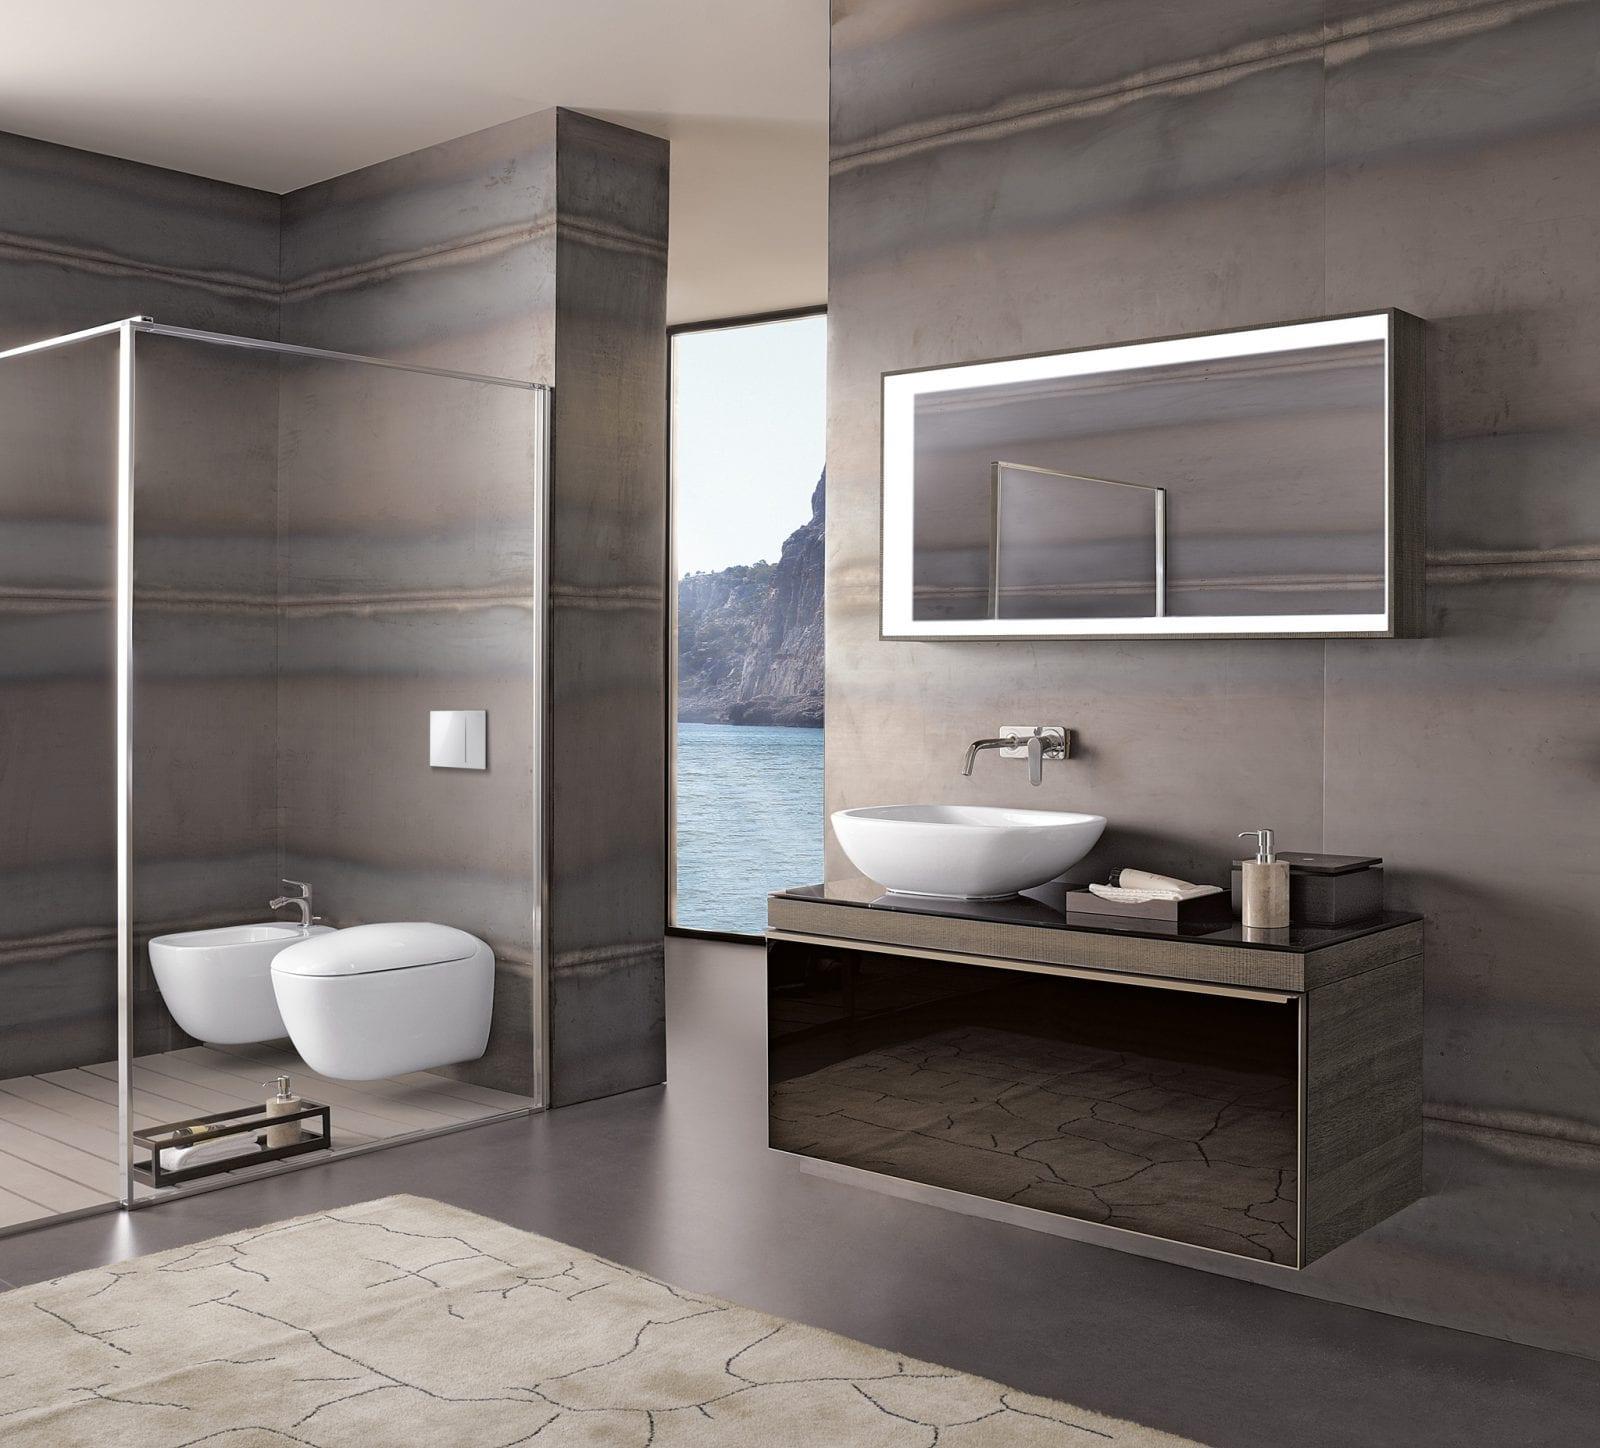 2016 Bathroom Citterio 04 - Perfecte în formă și funcție: Soluţii de ultimă generaţie pentru baie, de la Geberit